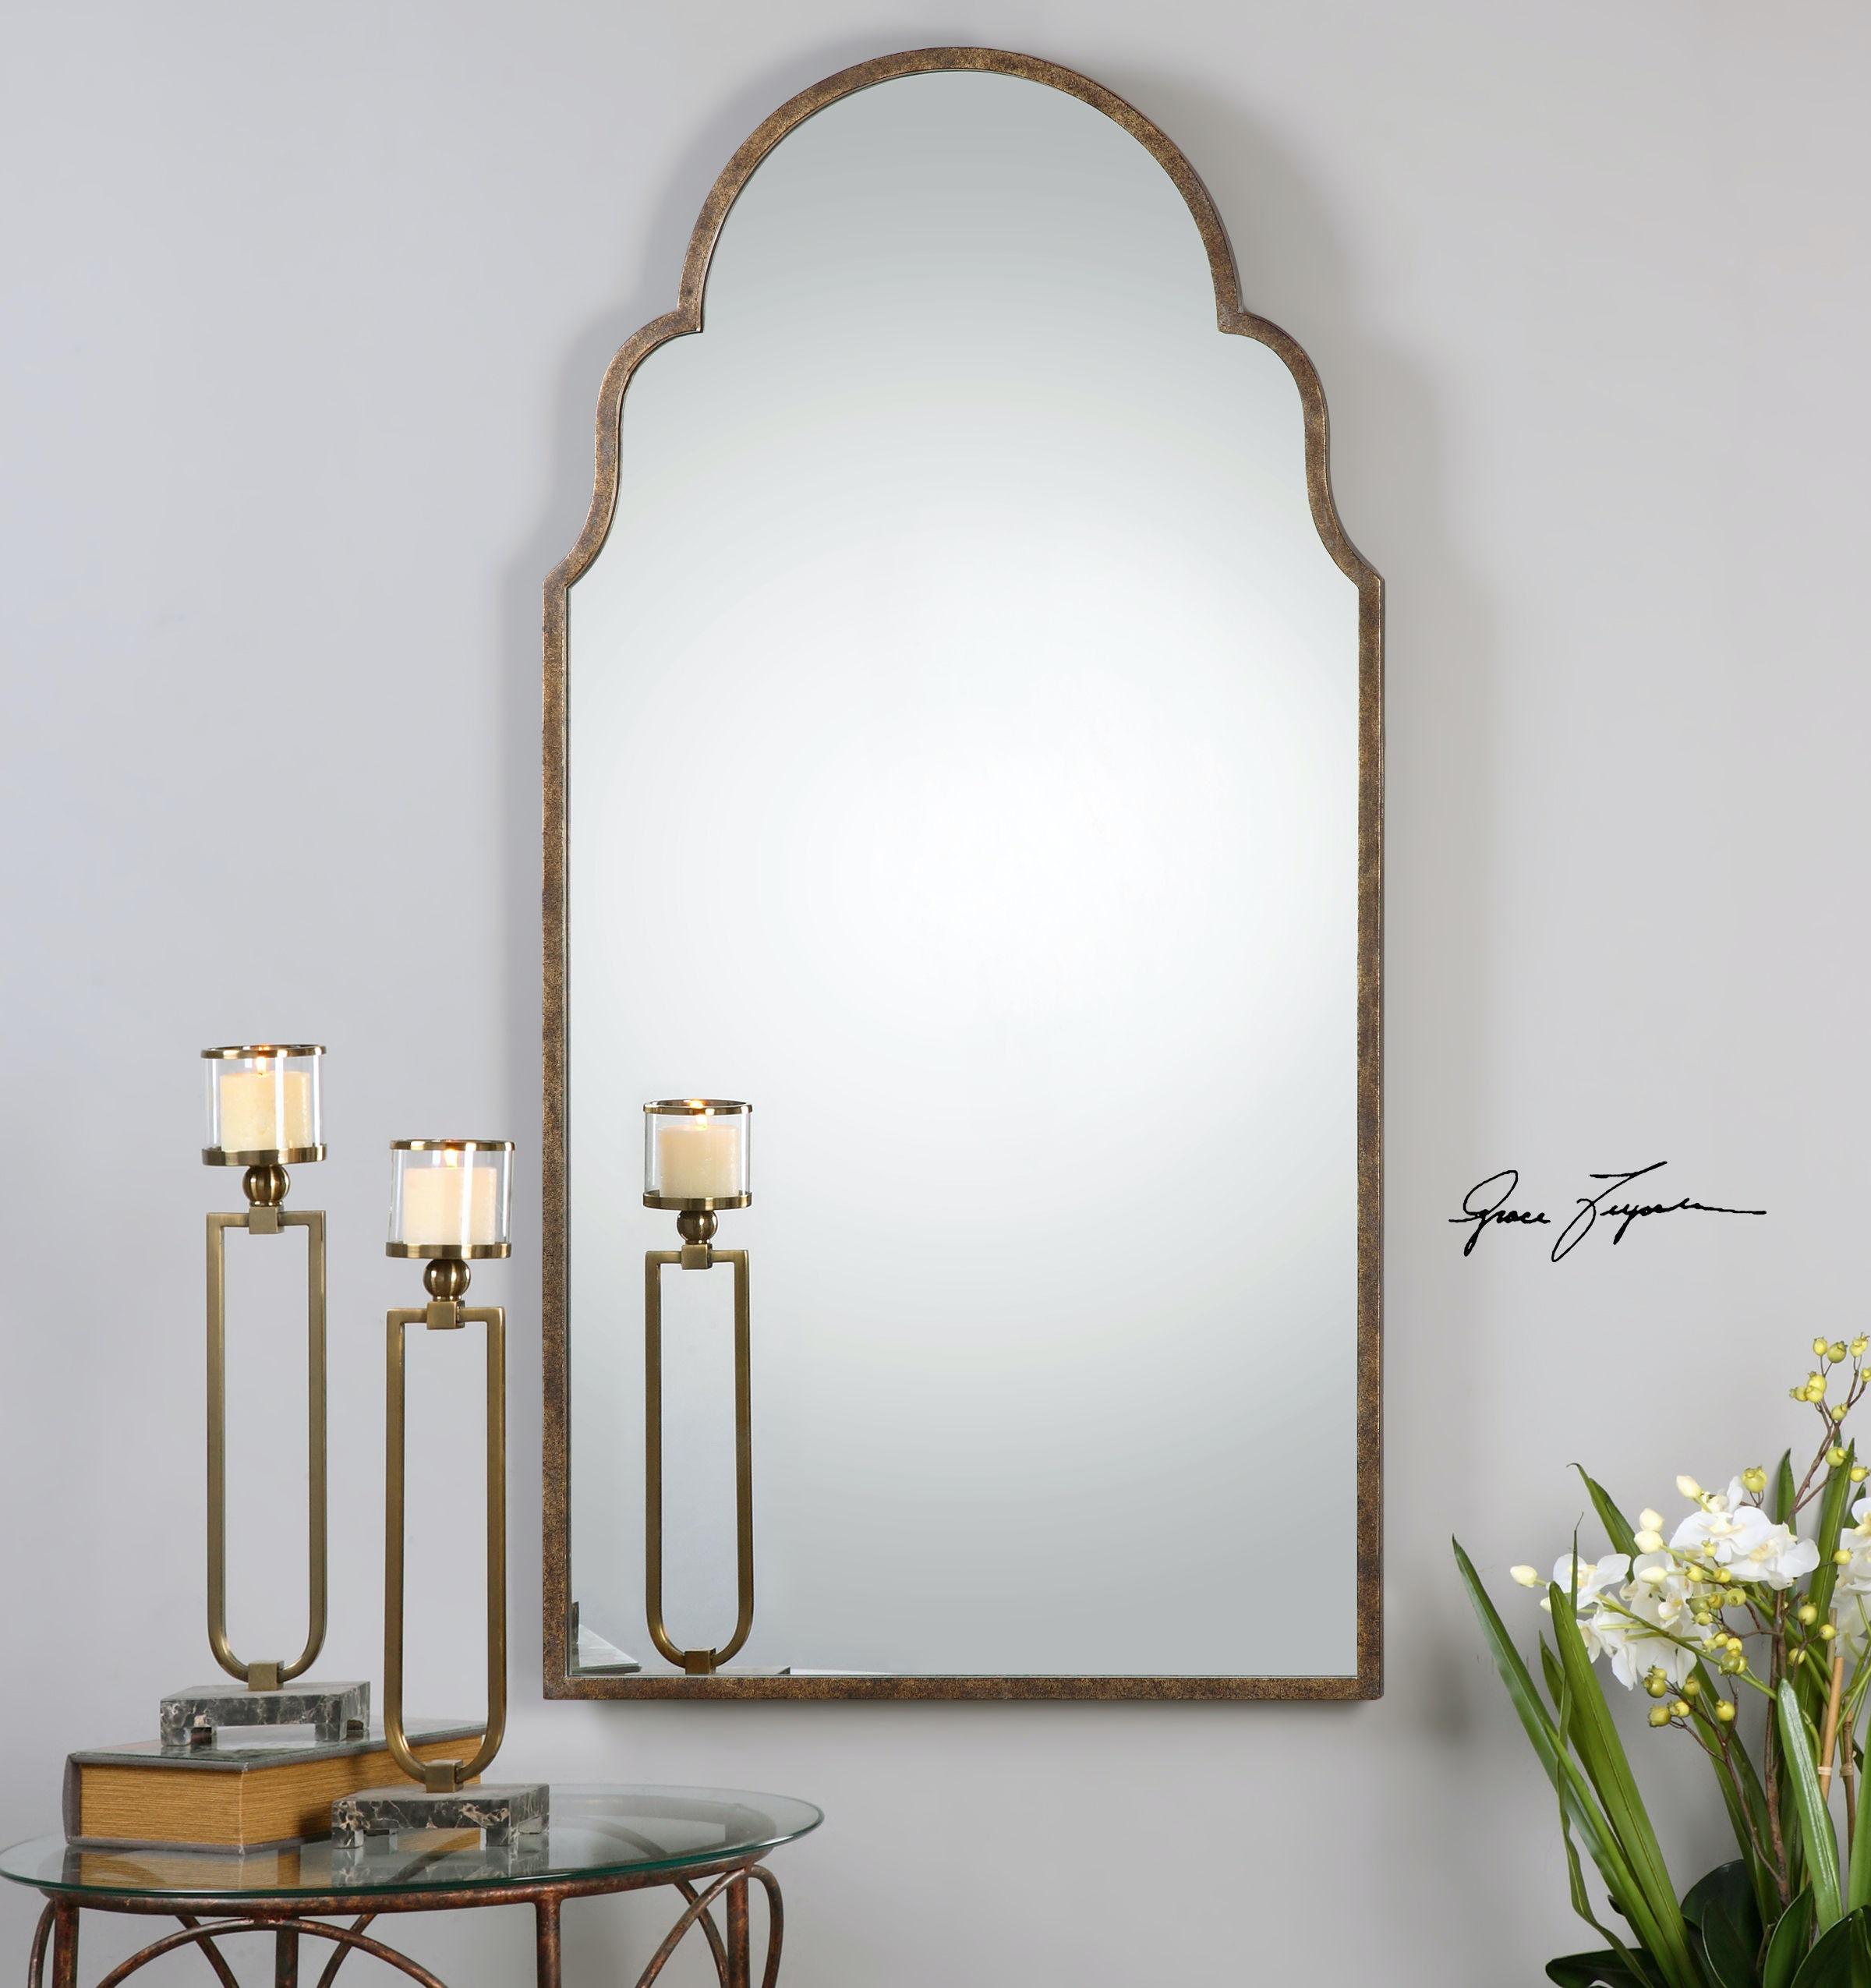 Uttermost Bedroom Brayden Tall Arch Mirror 12905 The